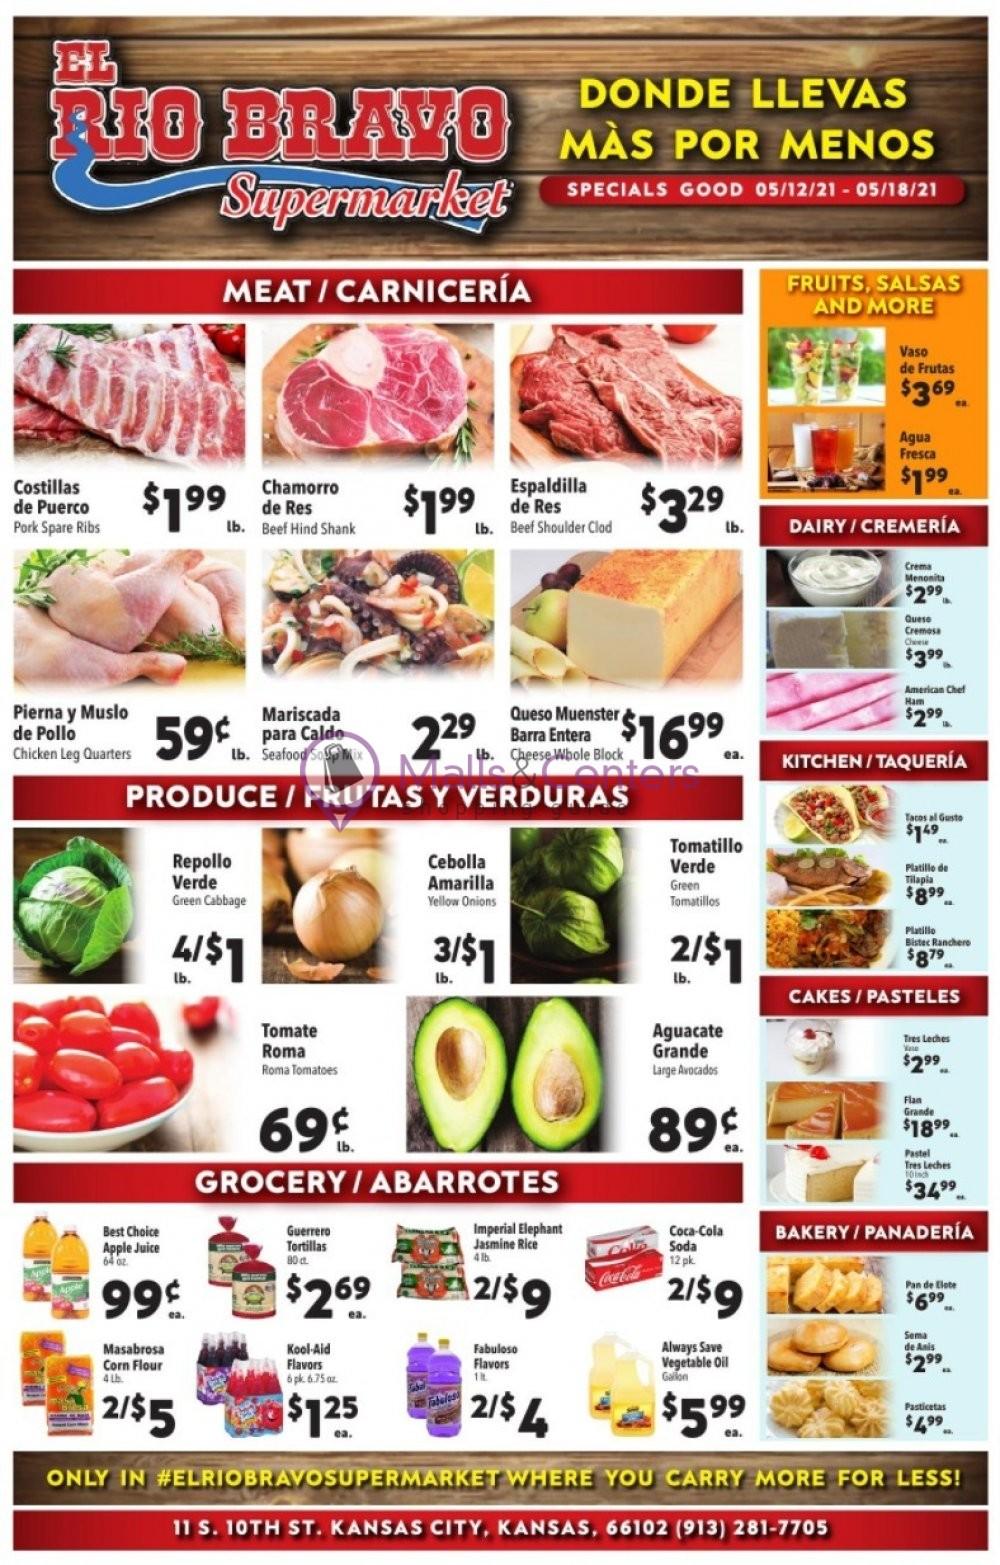 weekly ads El Rio Bravo Supermarket - page 1 - mallscenters.com